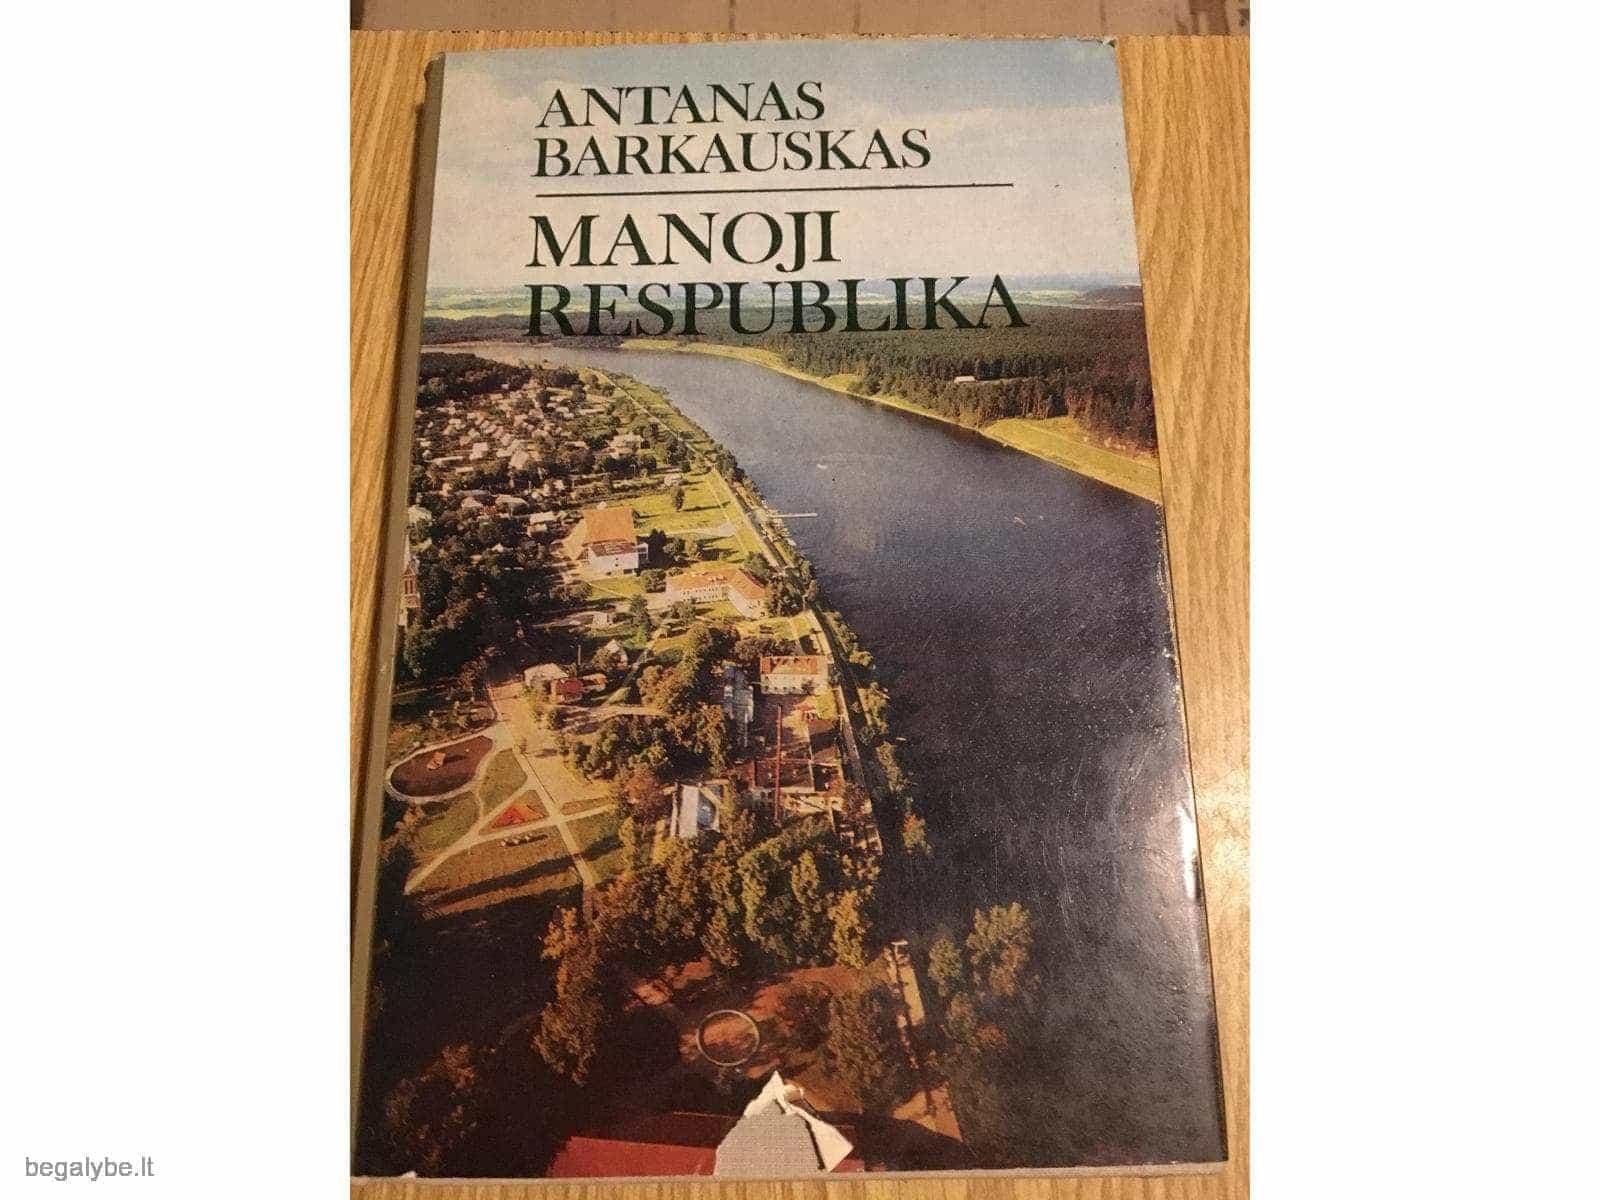 Antanas Barkauskas - Manoji respublika